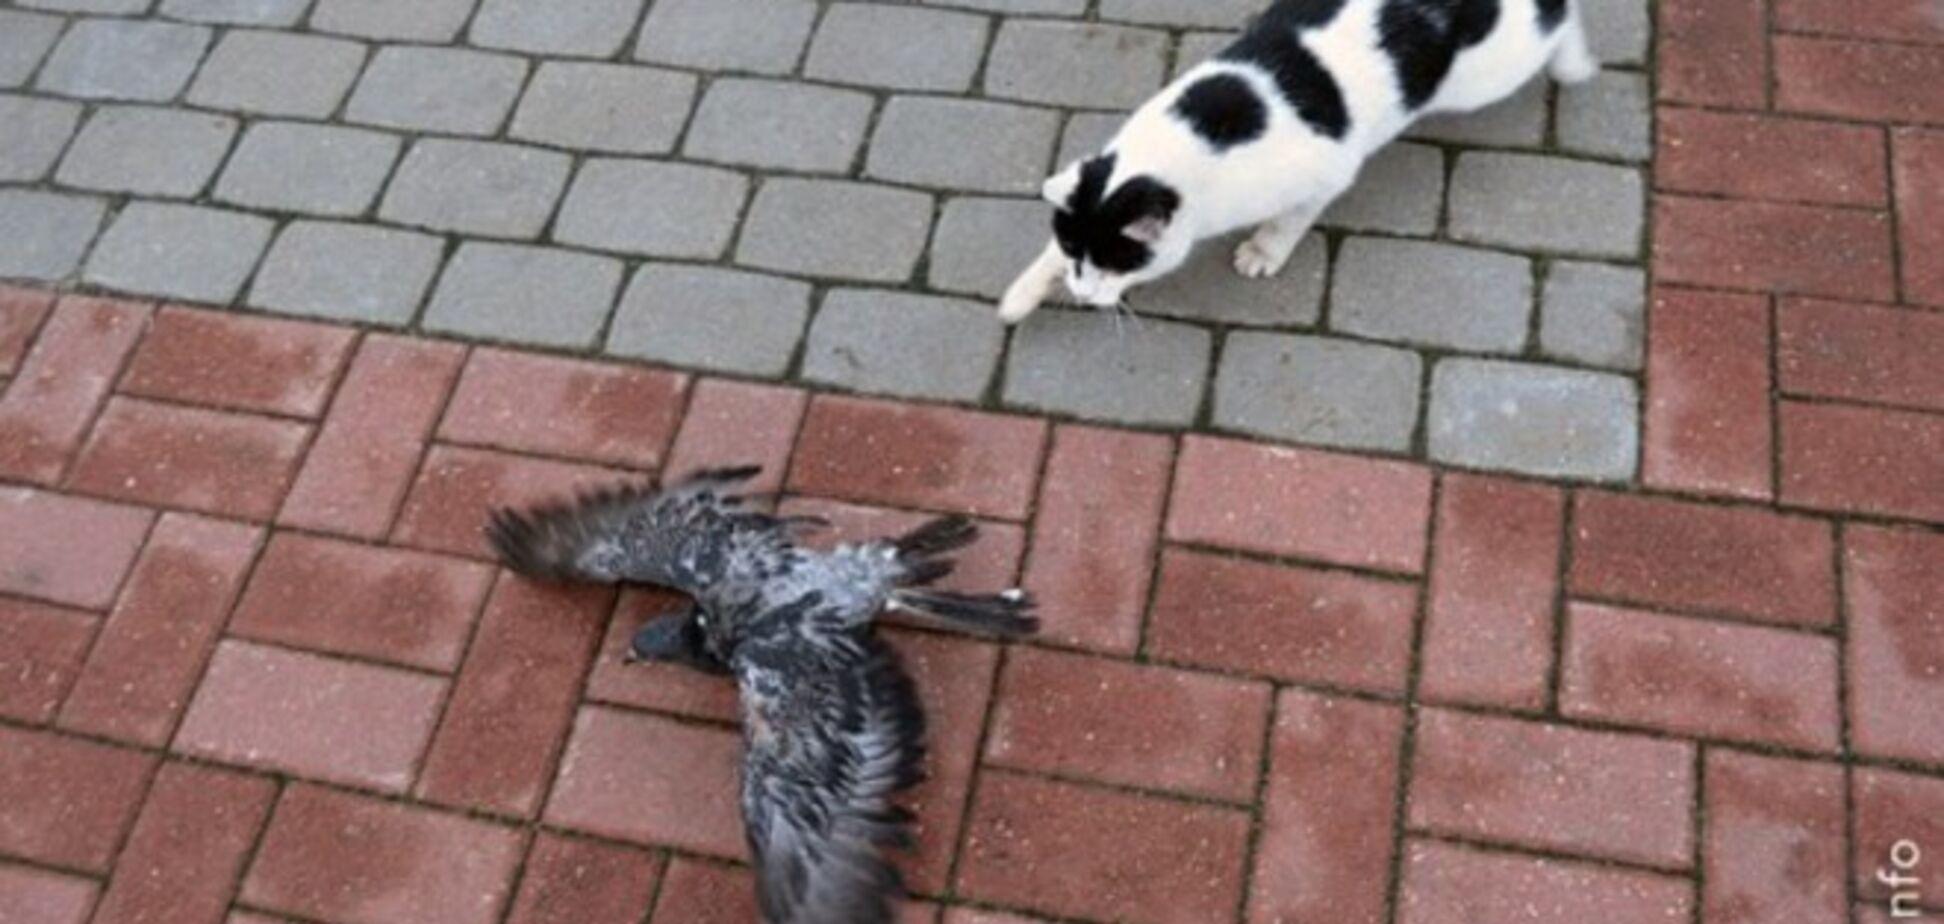 Сеть покорил забавный кот-хитрец, который охотится на голубя 'лунной походкой'